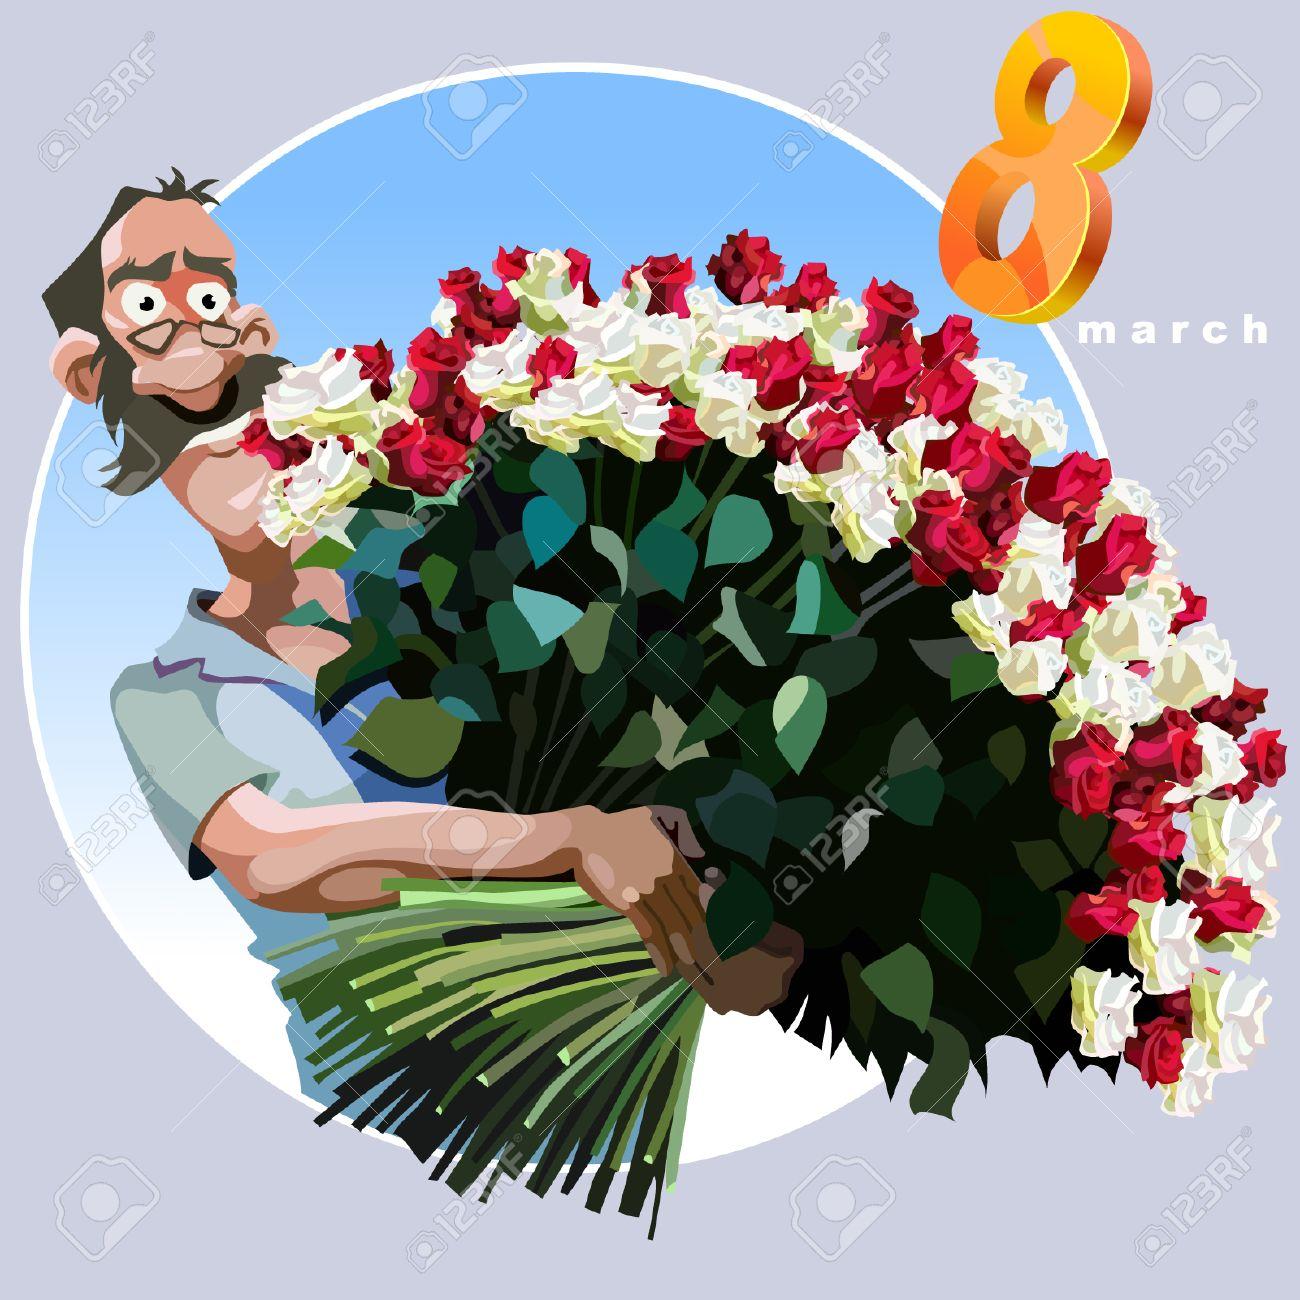 L Homme De Bande Dessinee Avec Un Enorme Bouquet De Fleurs Pour